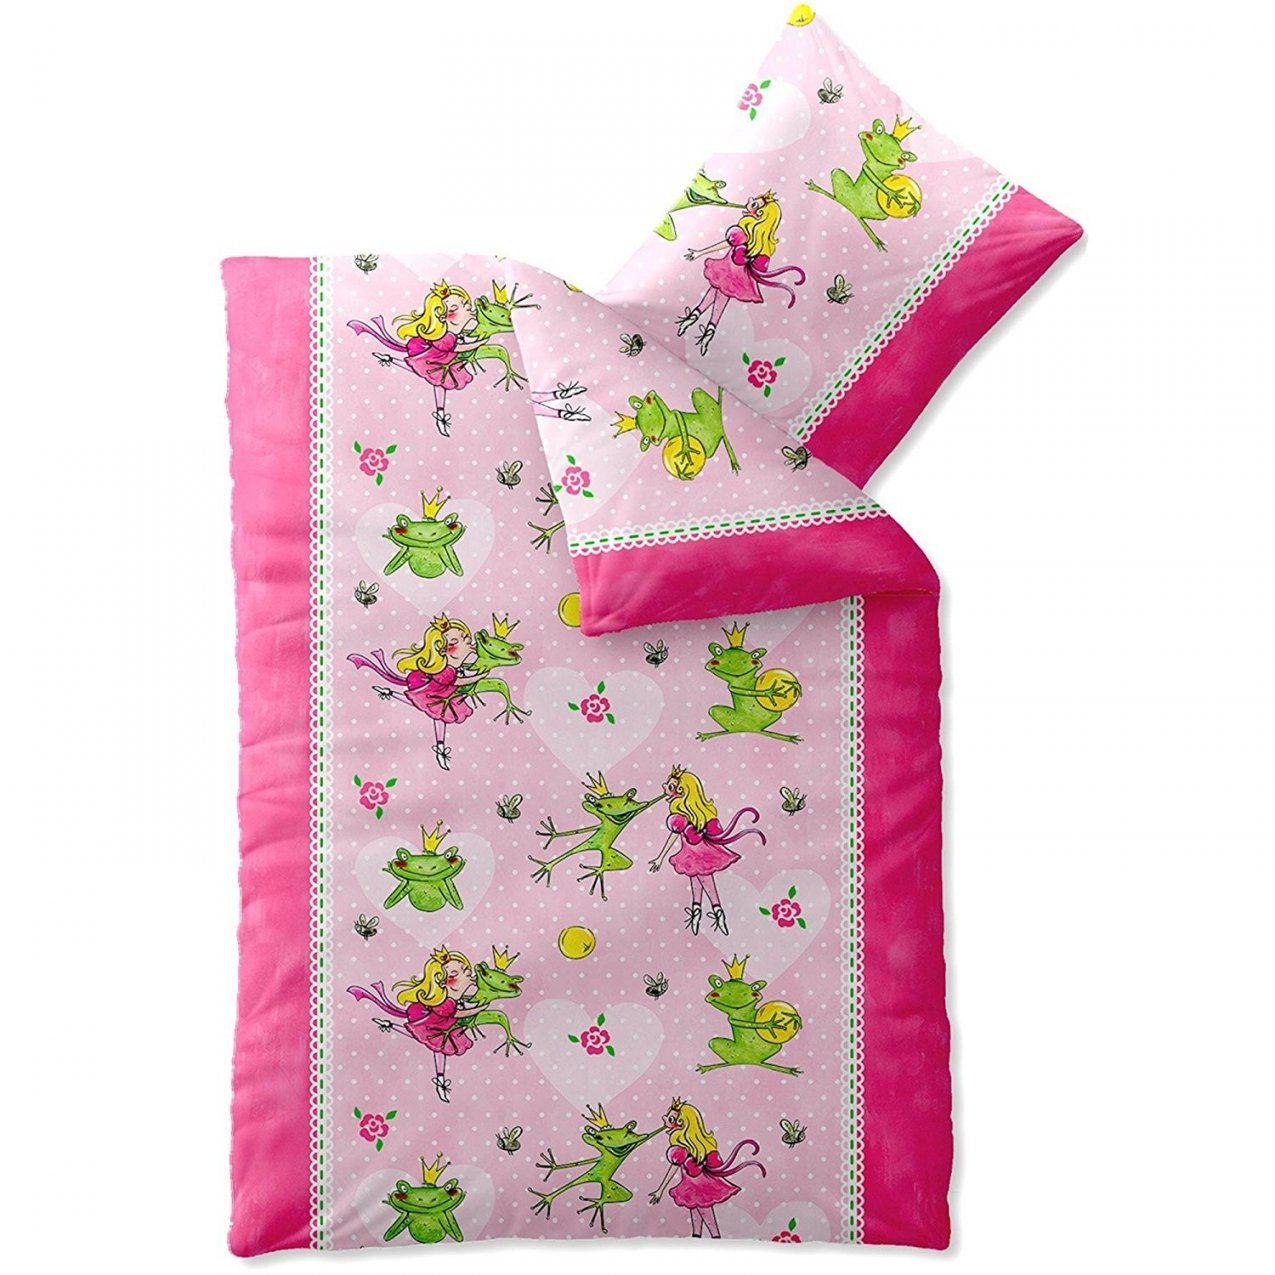 Neu Aldi Nord Kinderbettwäsche  Bettwäsche Ideen von Bettwäsche Minions Aldi Bild